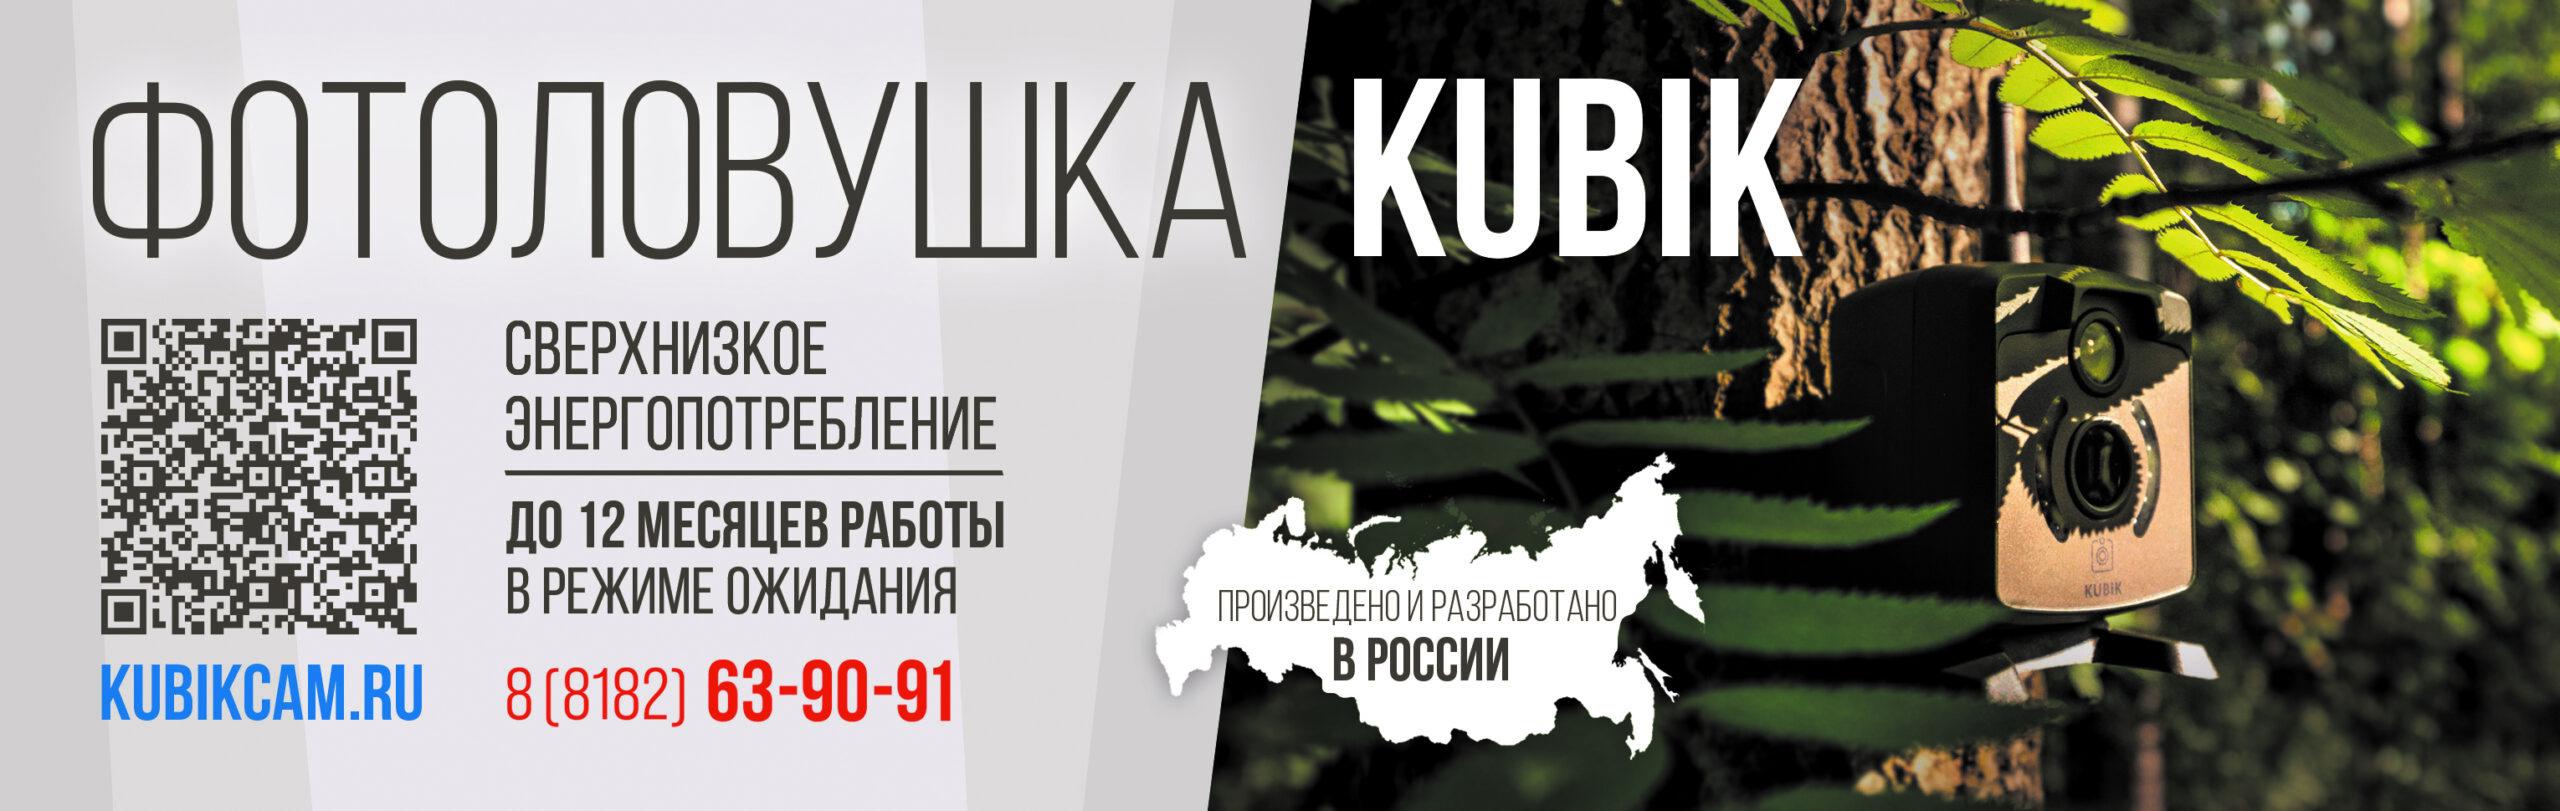 Первая российская фотоловушка KUBIK